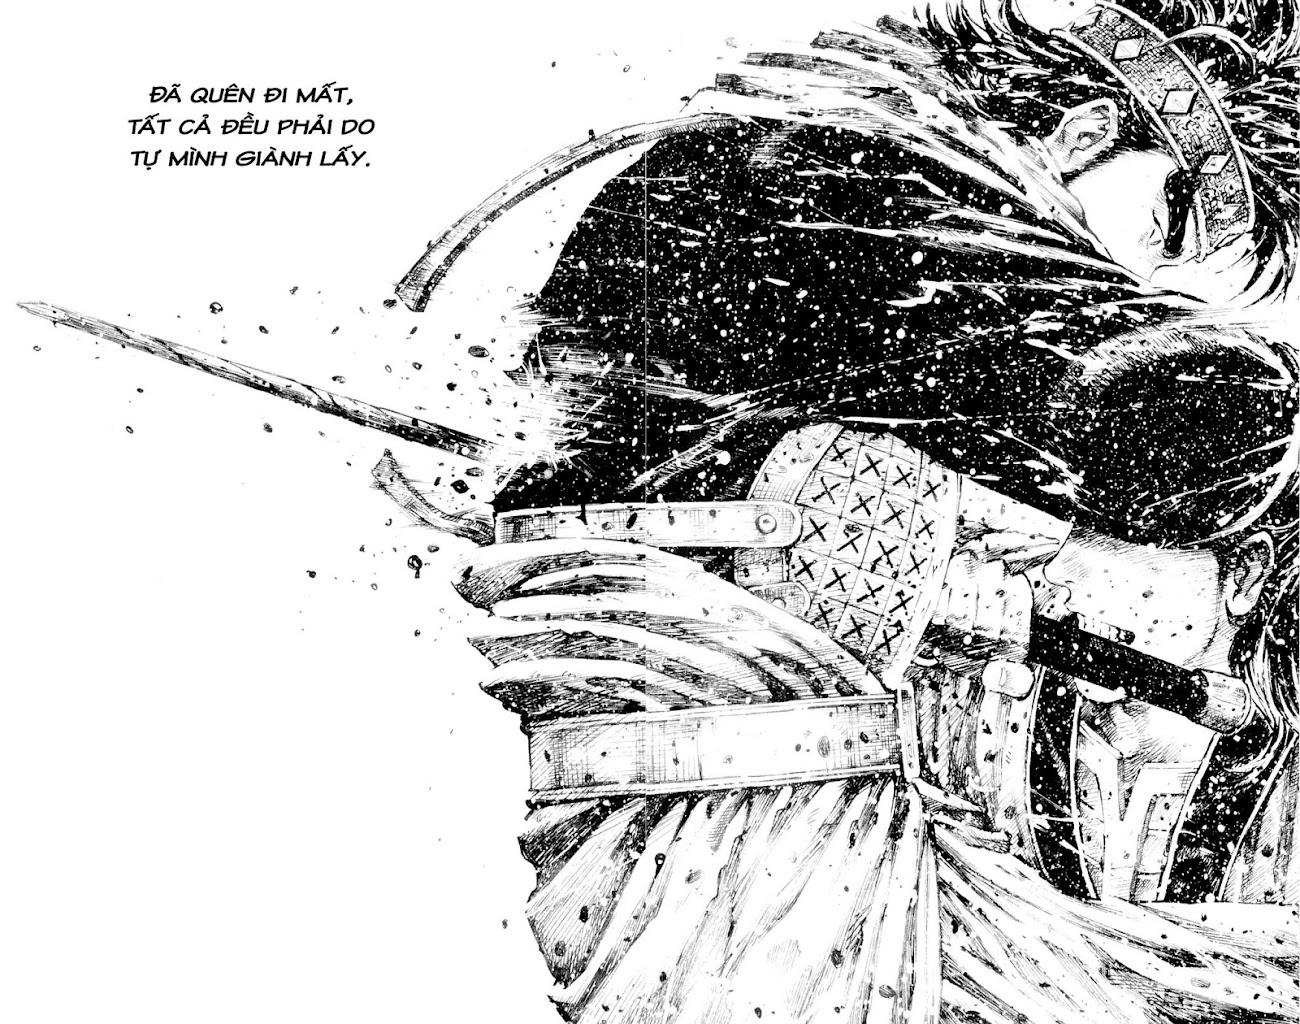 Hỏa phụng liêu nguyên Chương 406: Sinh sôi sinh sôi [Remake] trang 23